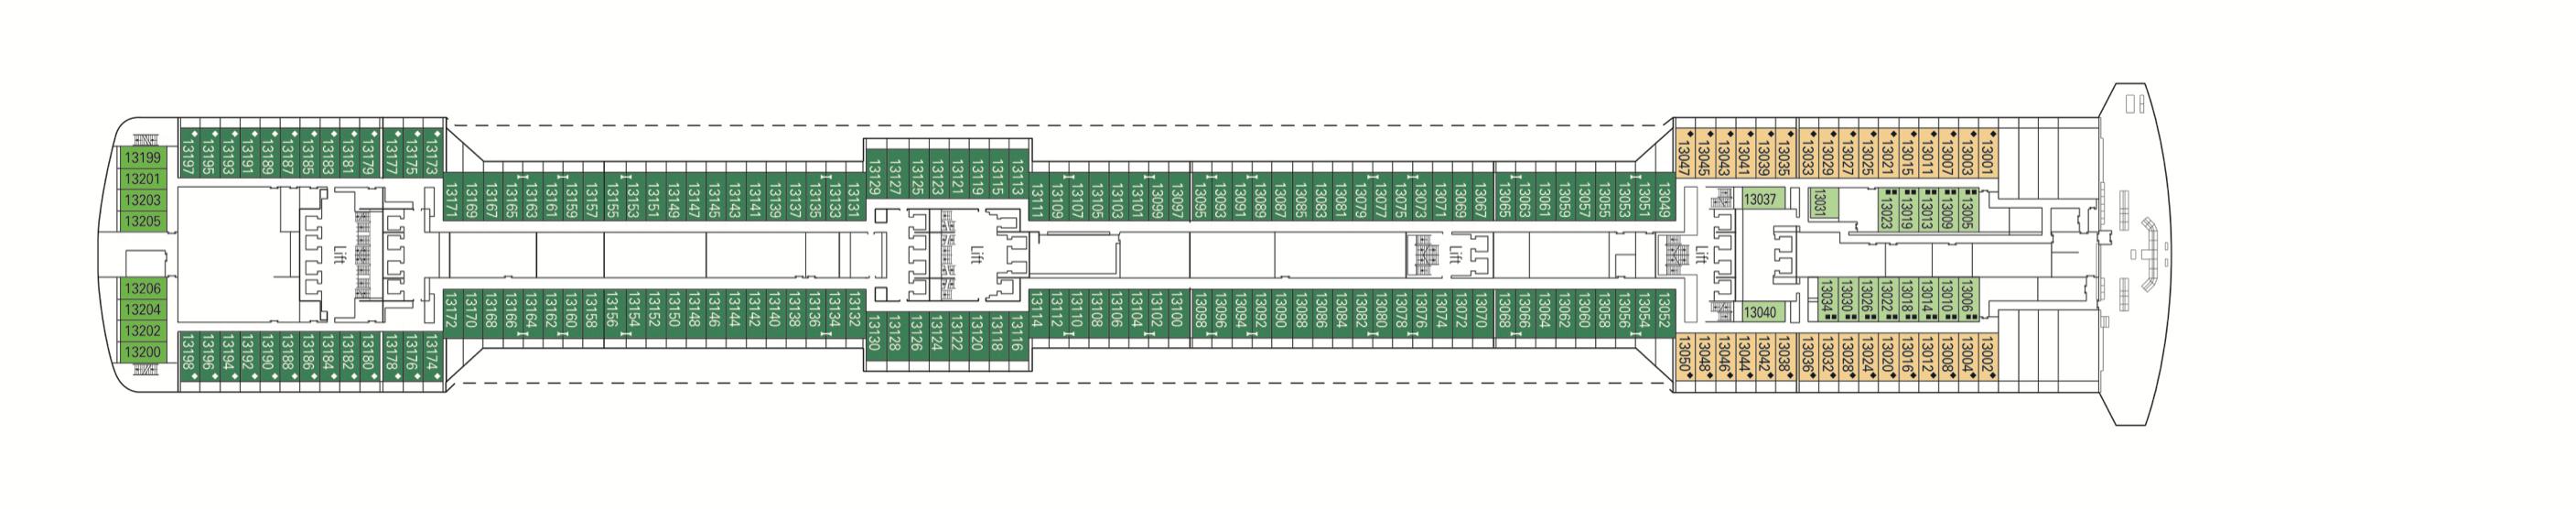 MSC Fantasia Class Fantasia Deck 13.jpg